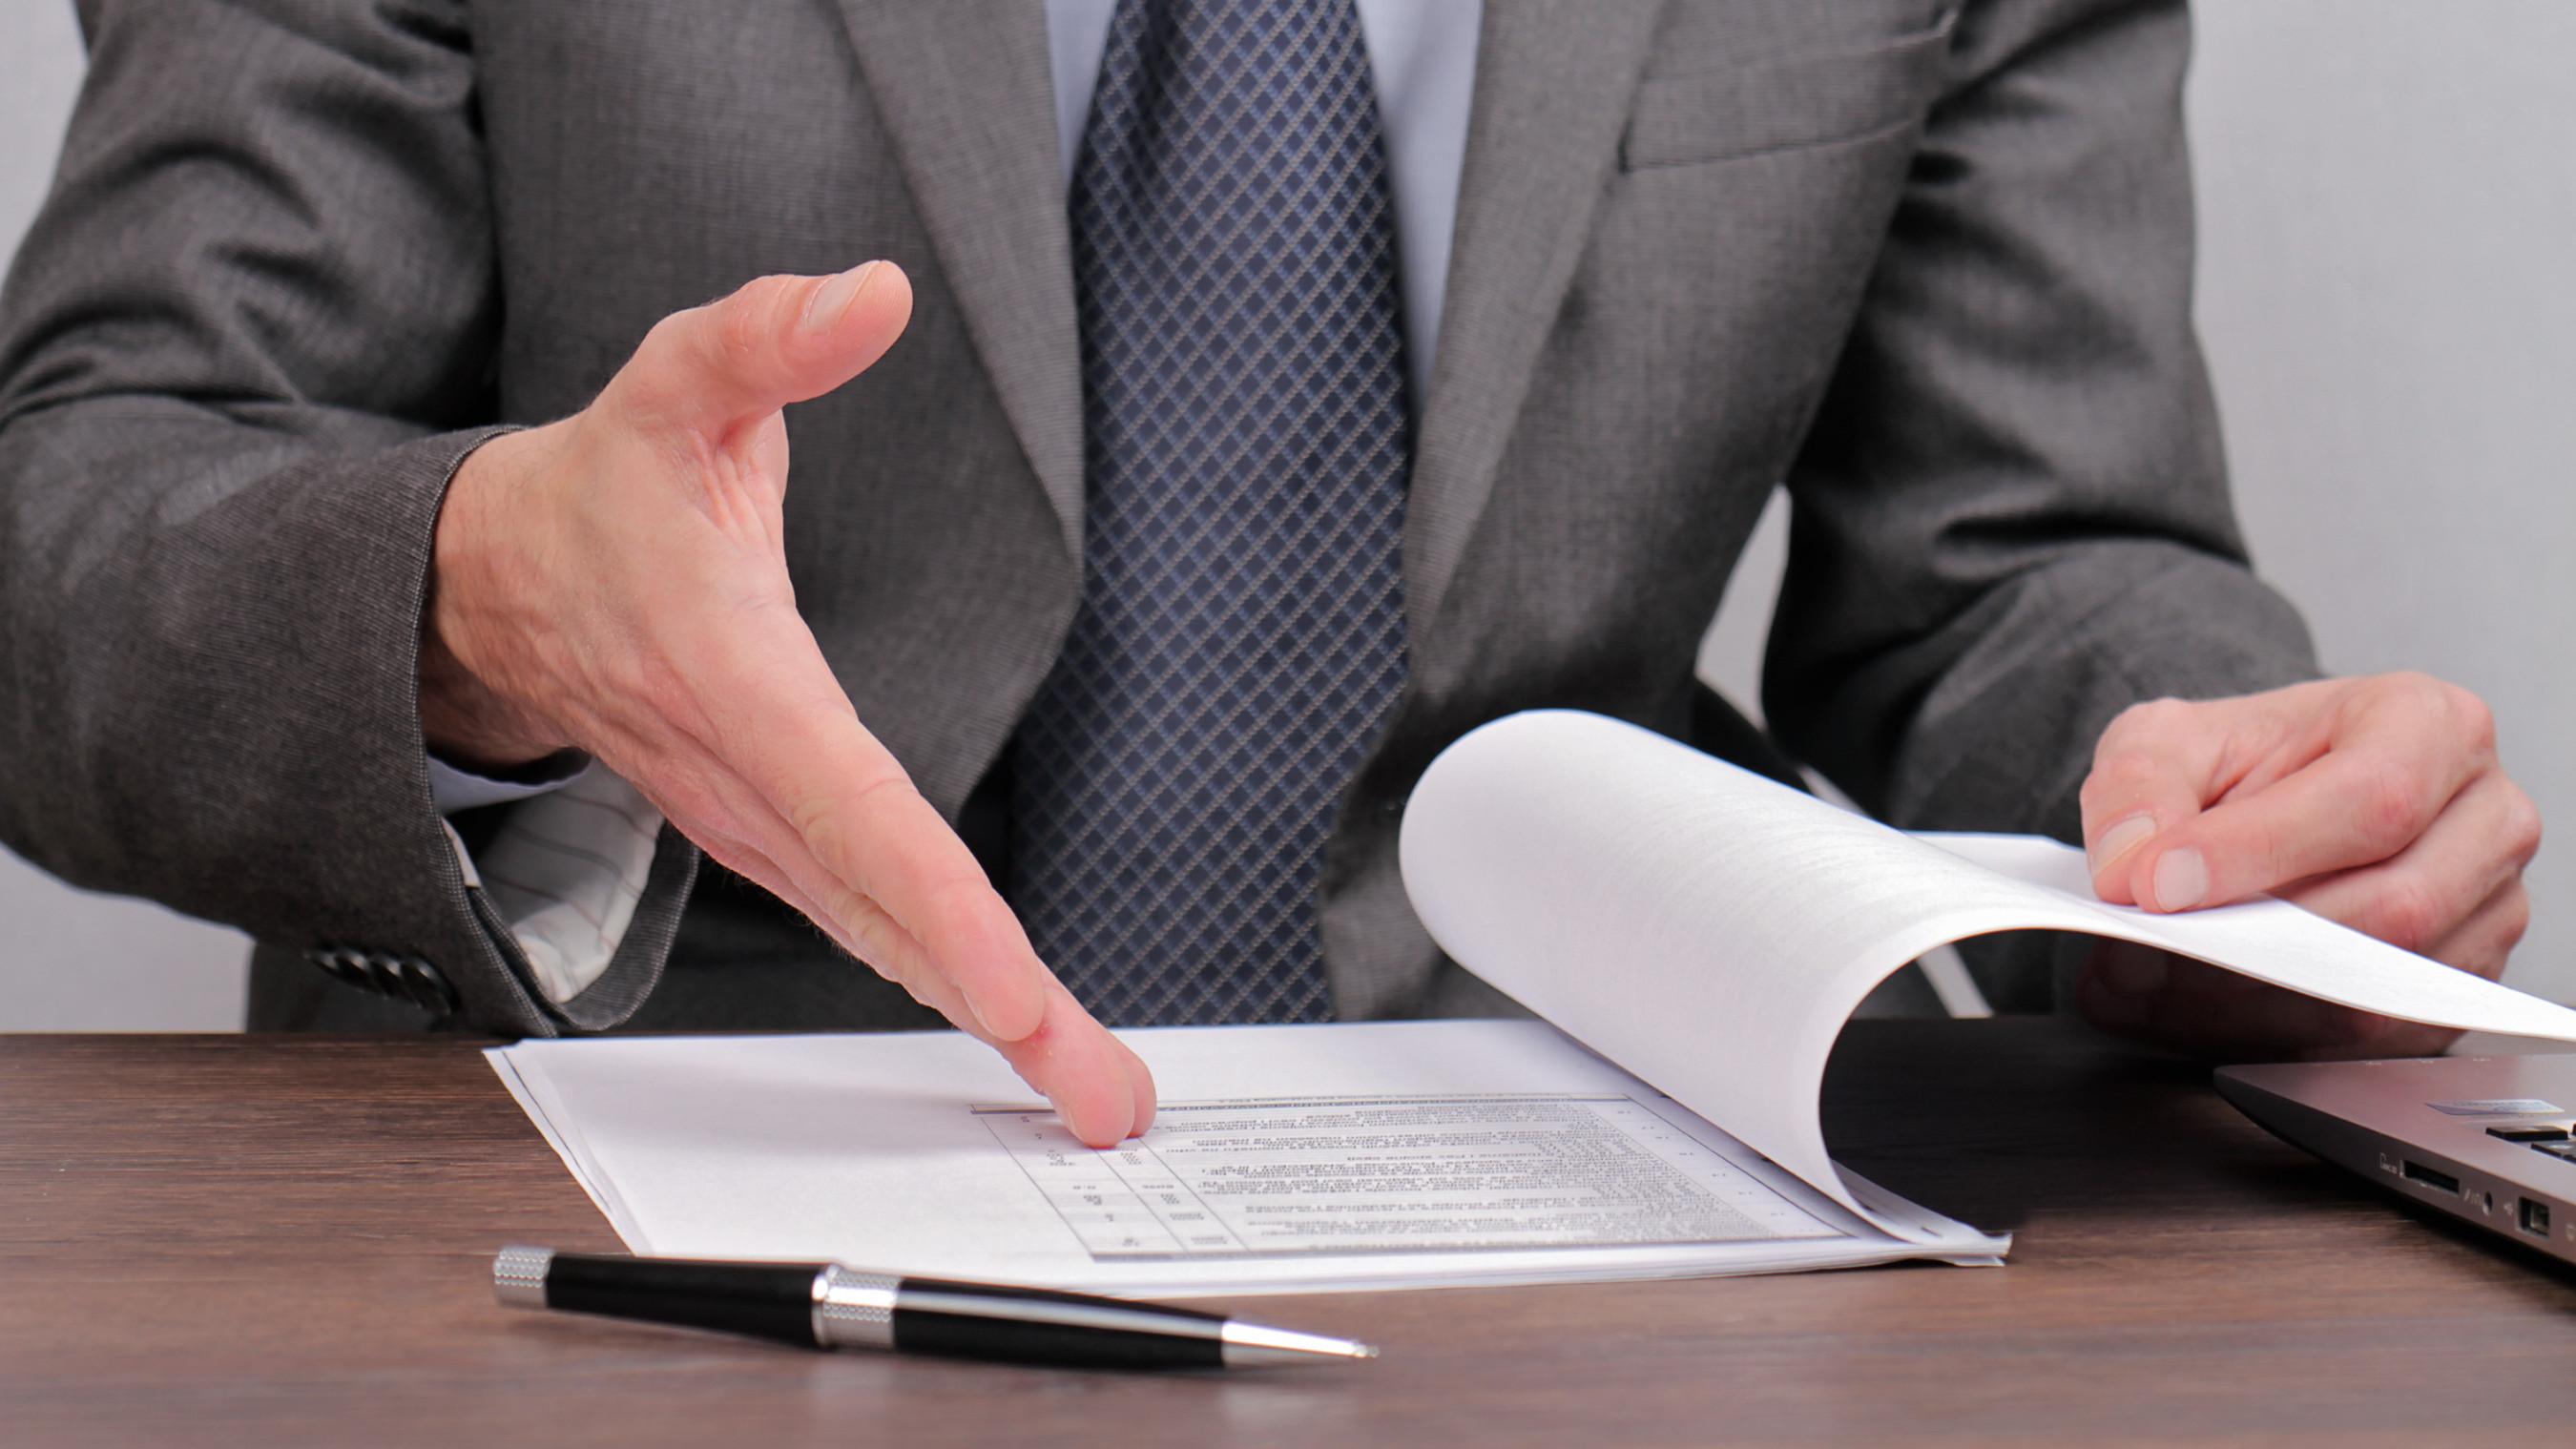 Суд поддержал решение УФАС по делу о нарушении ООО «Арина» антимонопольного закона